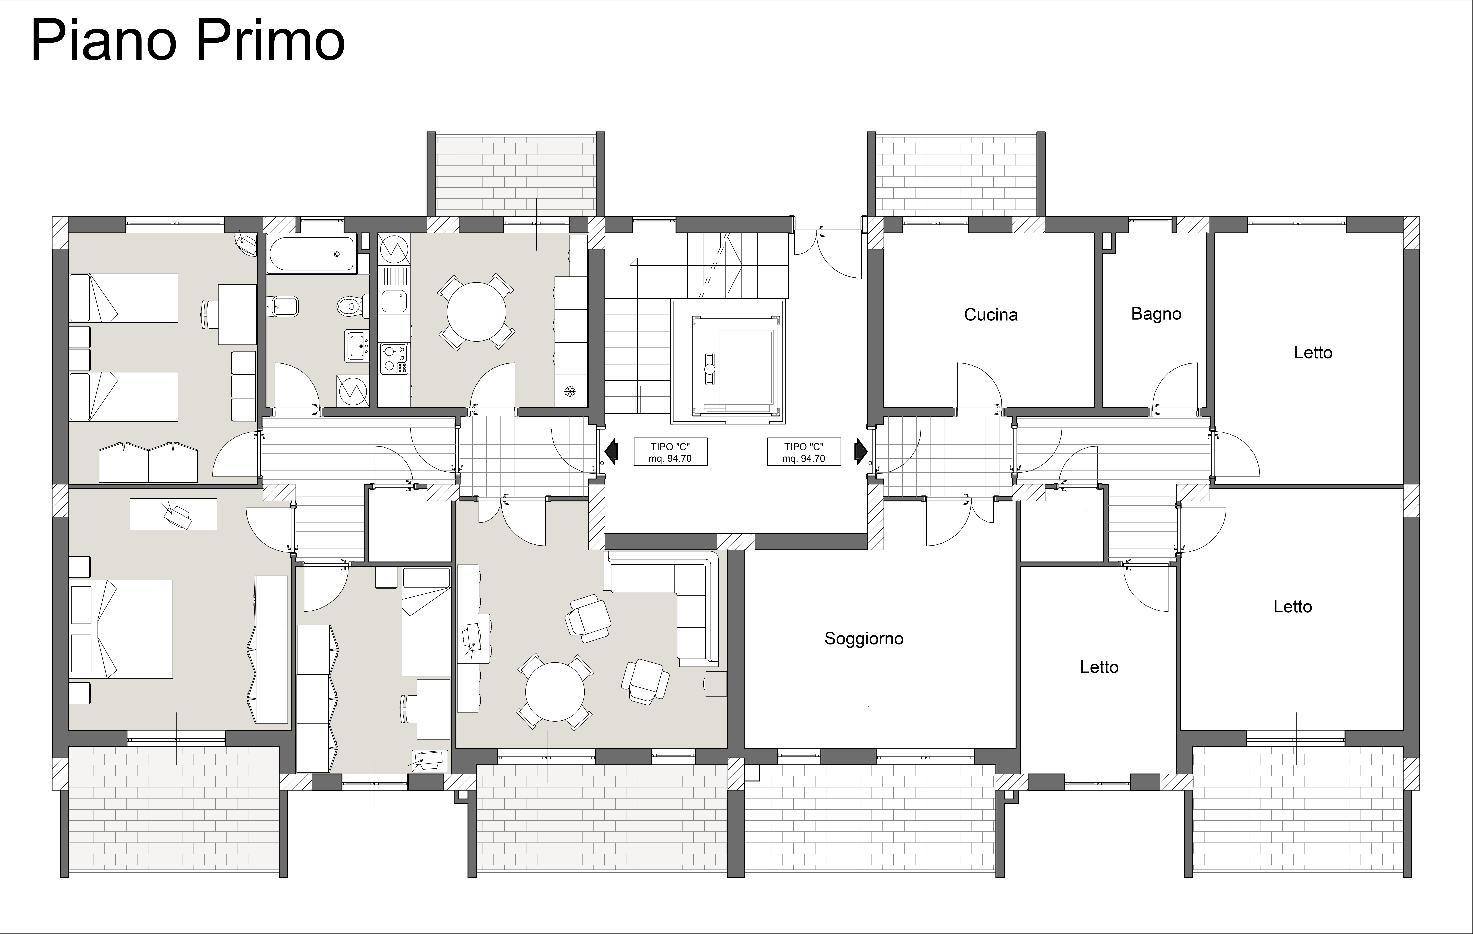 Pianta piano primo-Palazzina1-2-3-abitarevillafrancatirrena